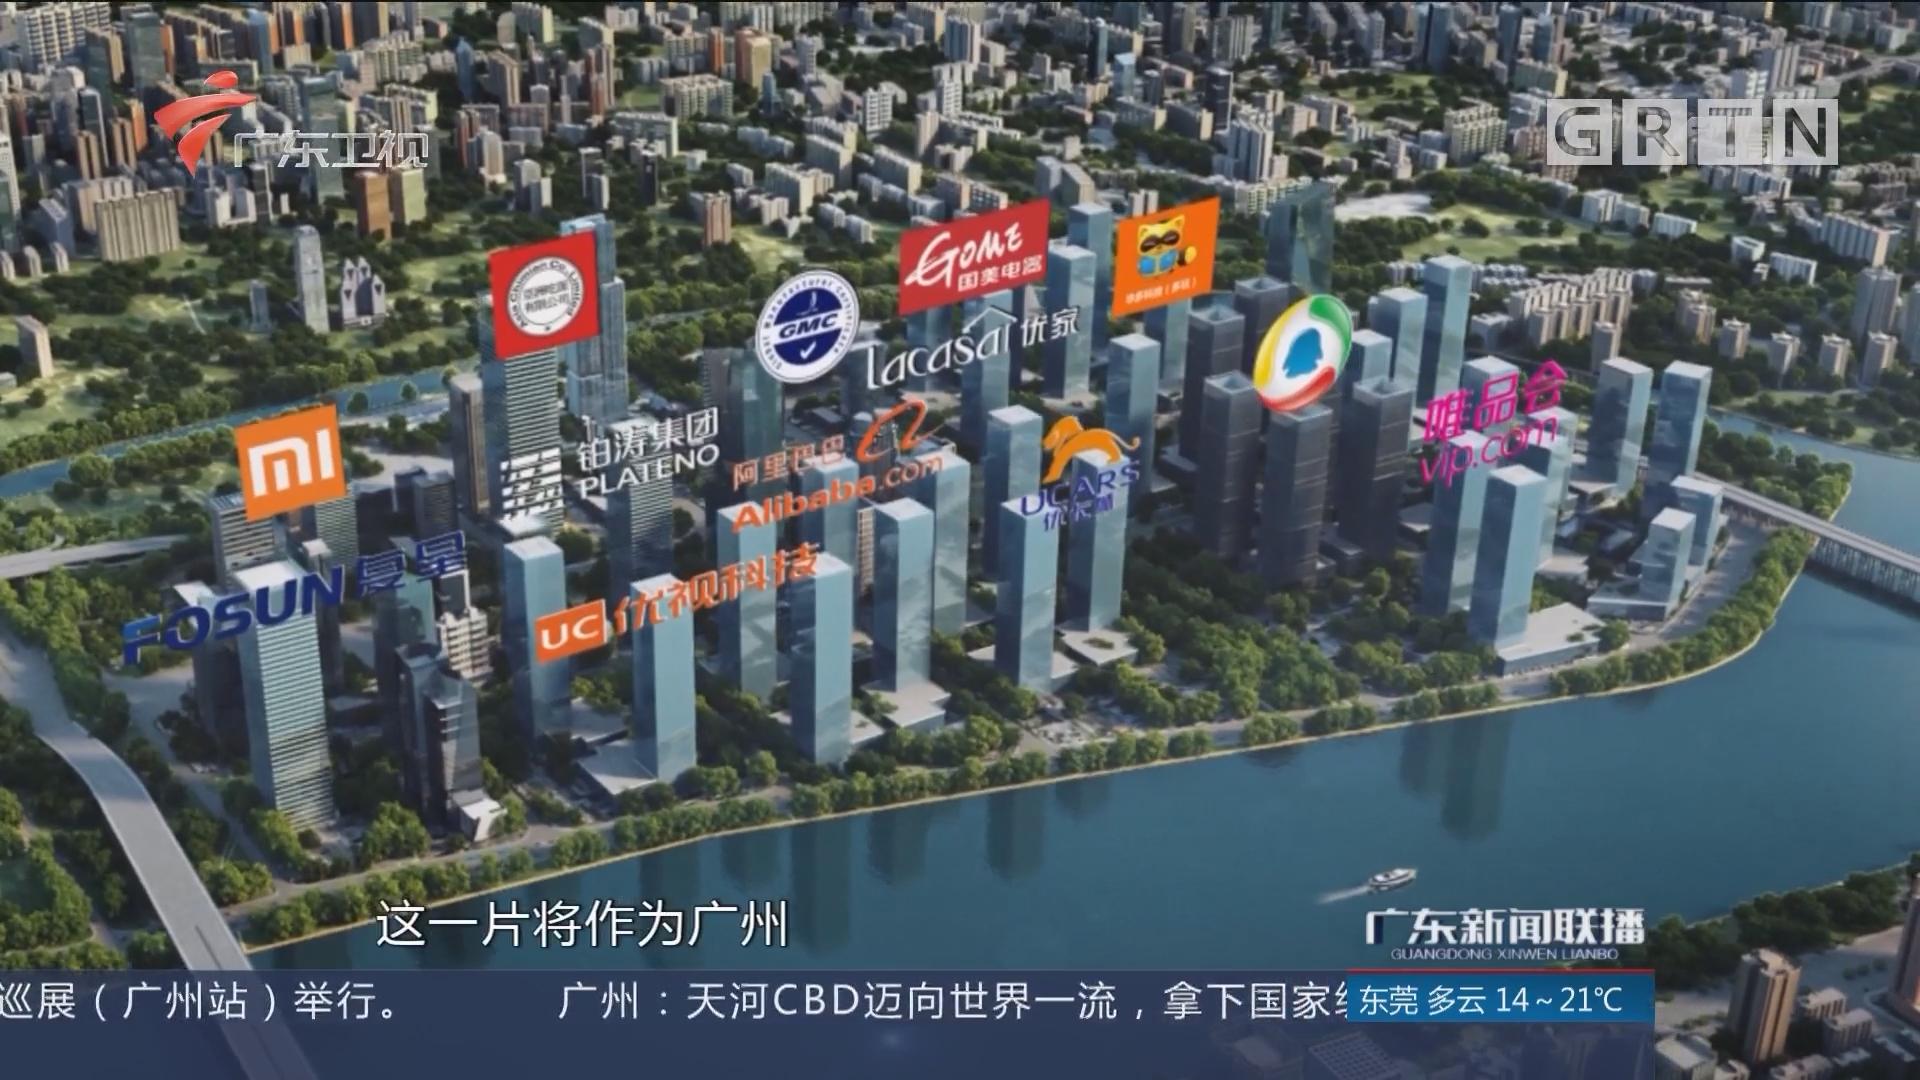 产业集聚引领转型升级 广州成创新热土